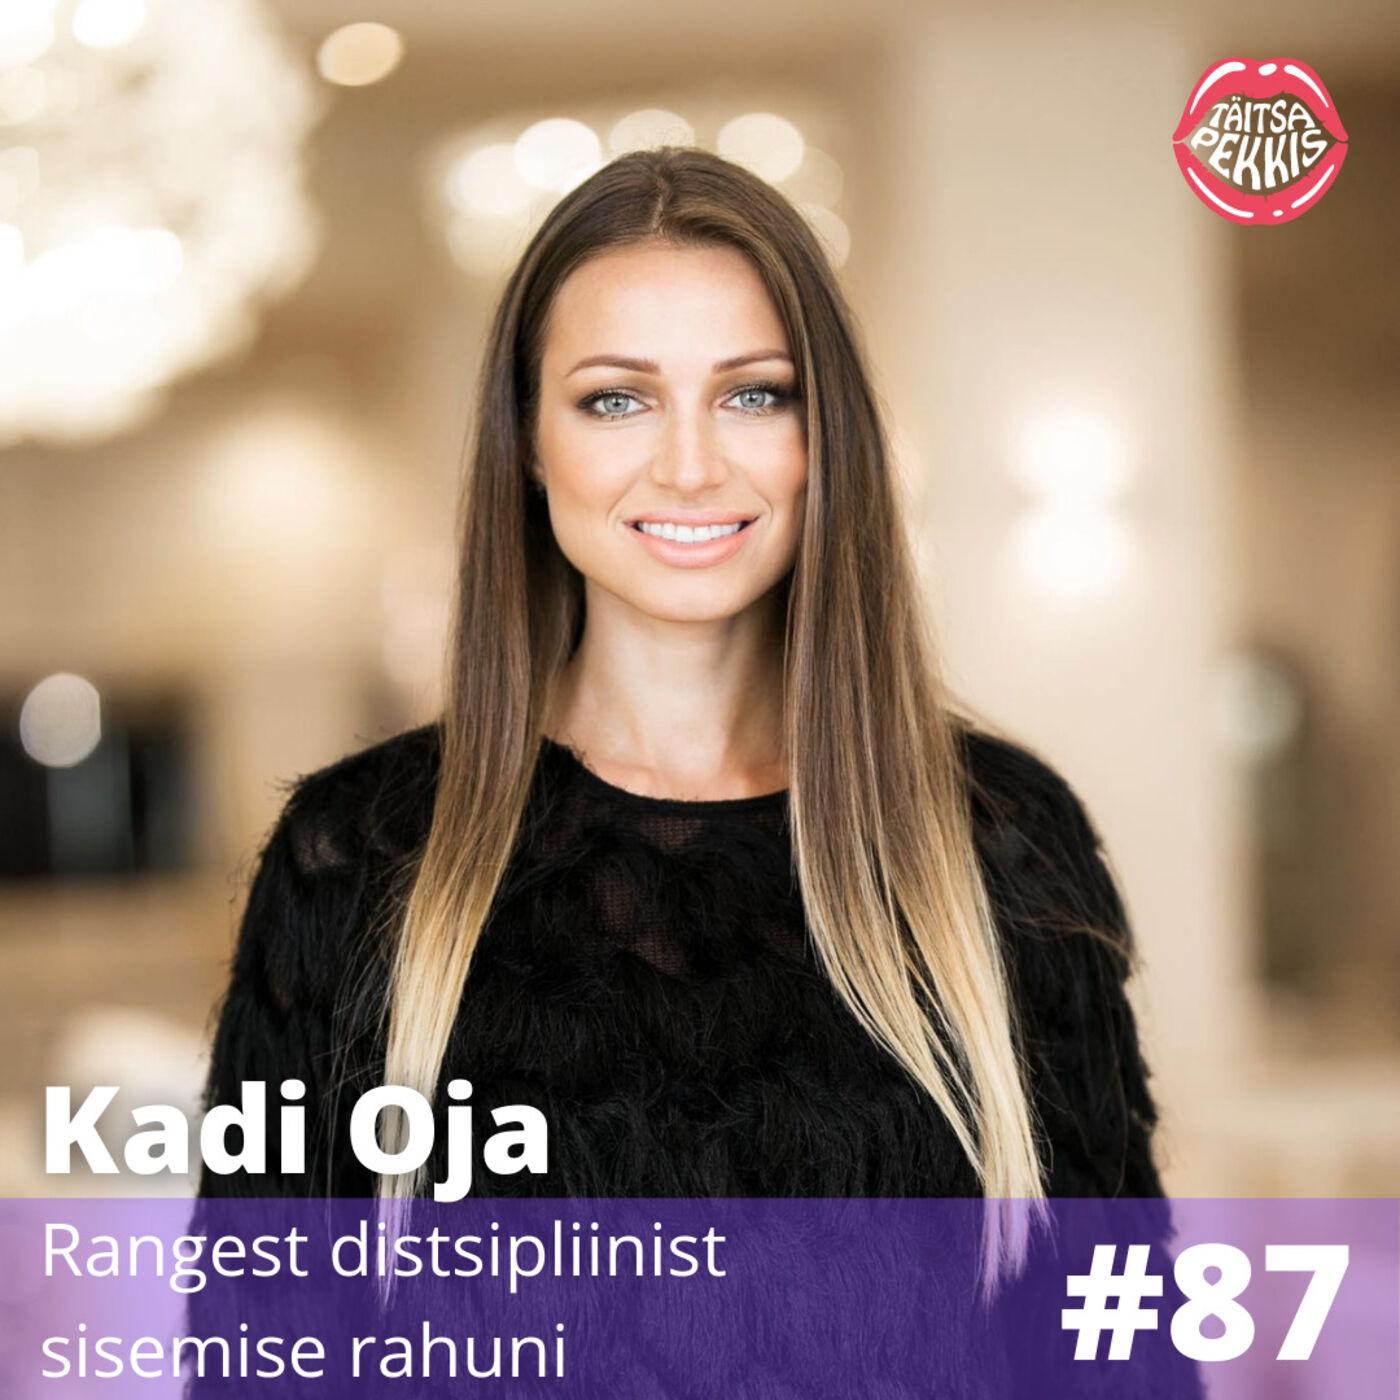 #87 - Kadi Oja - Rangest distsipliinist sisemise rahuni